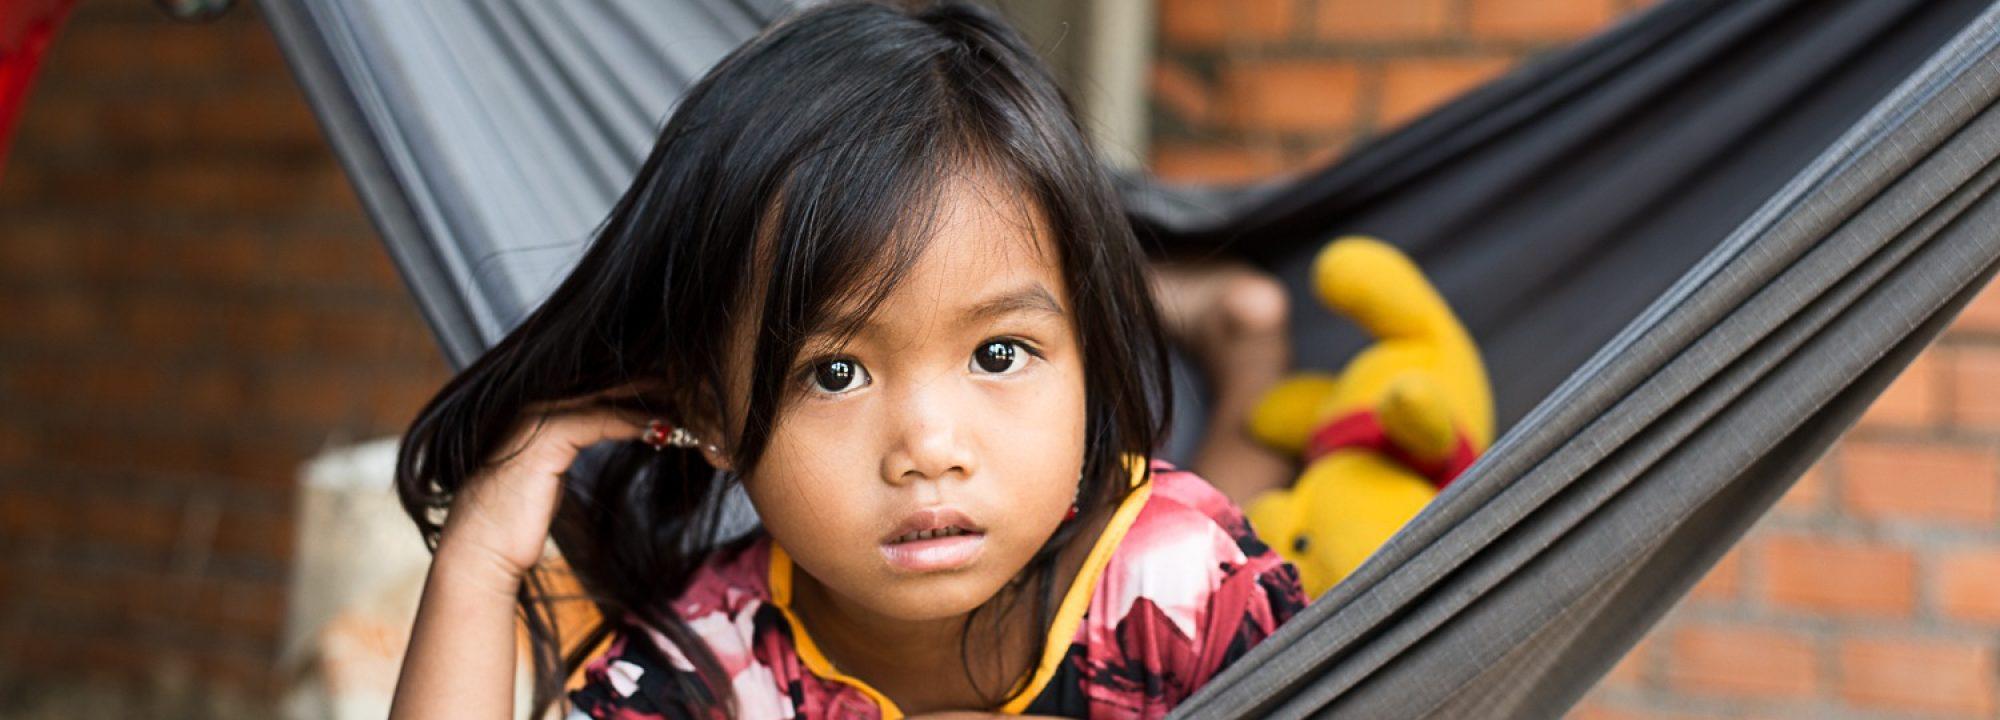 Témoignage Enfants d'Asie